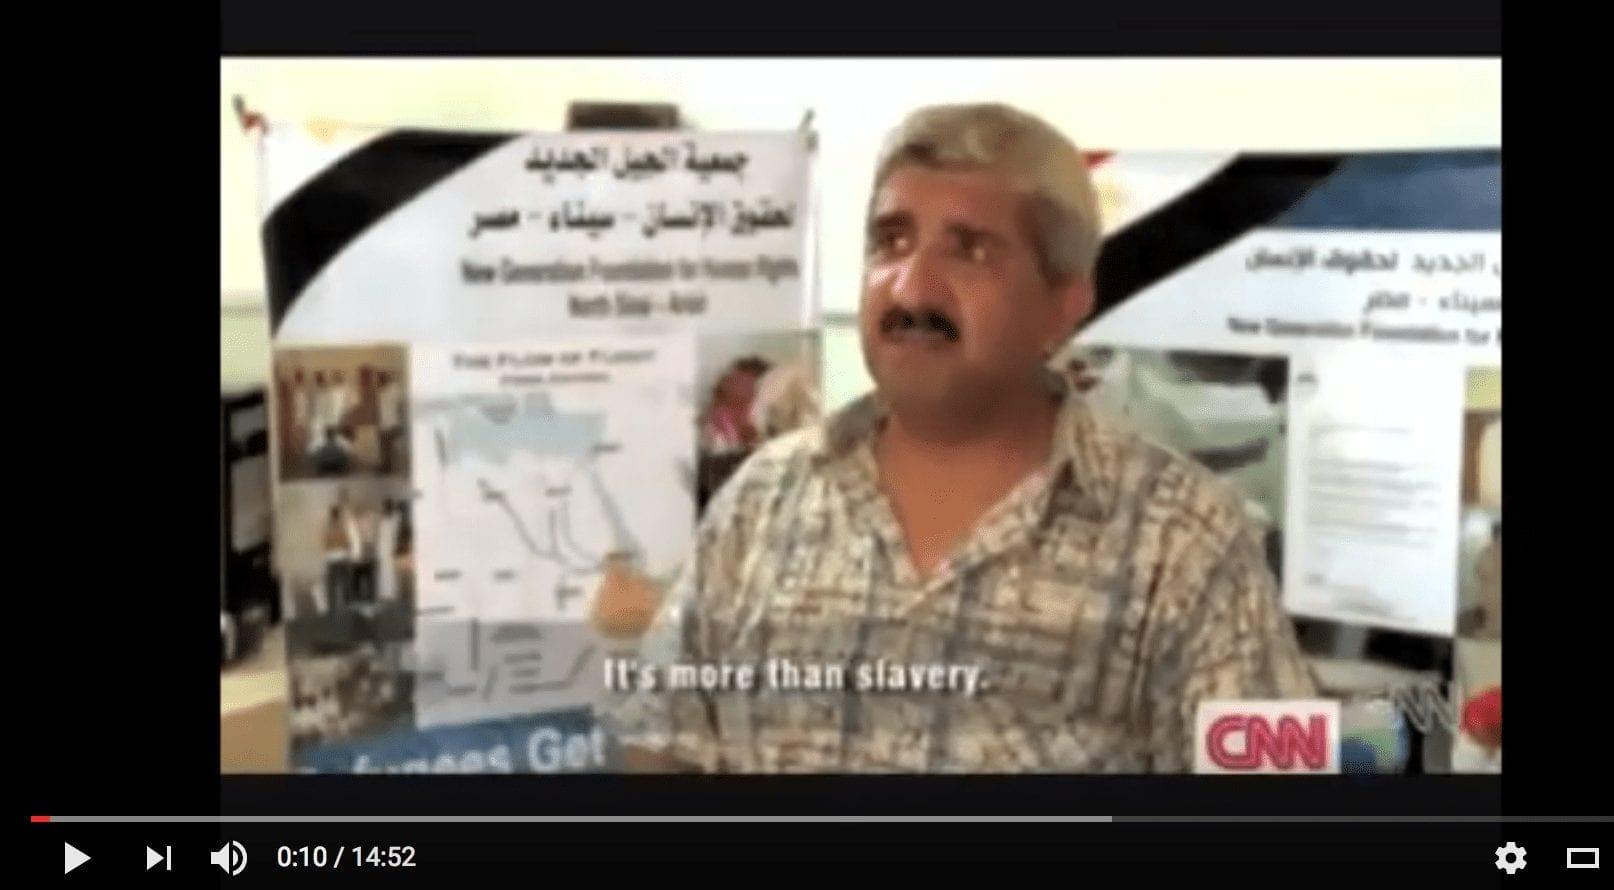 Human trafficking in the Sinai Desert